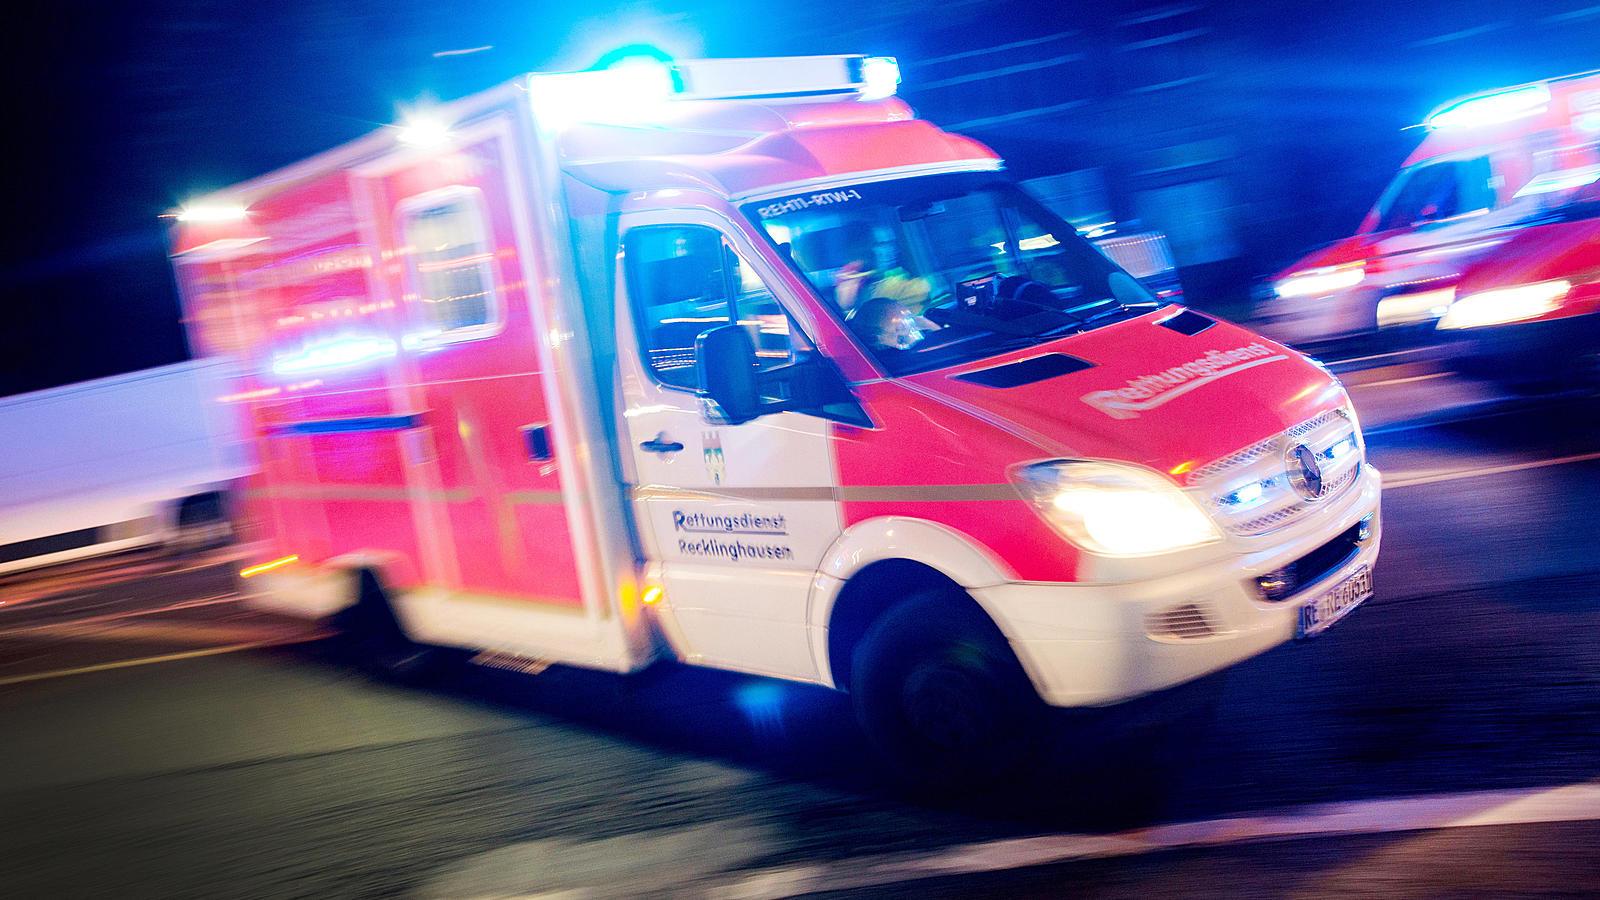 Familiendrama in Vaihingen: Mutter findet ihre Kinder tot - Haftbefehl gegen den Vater